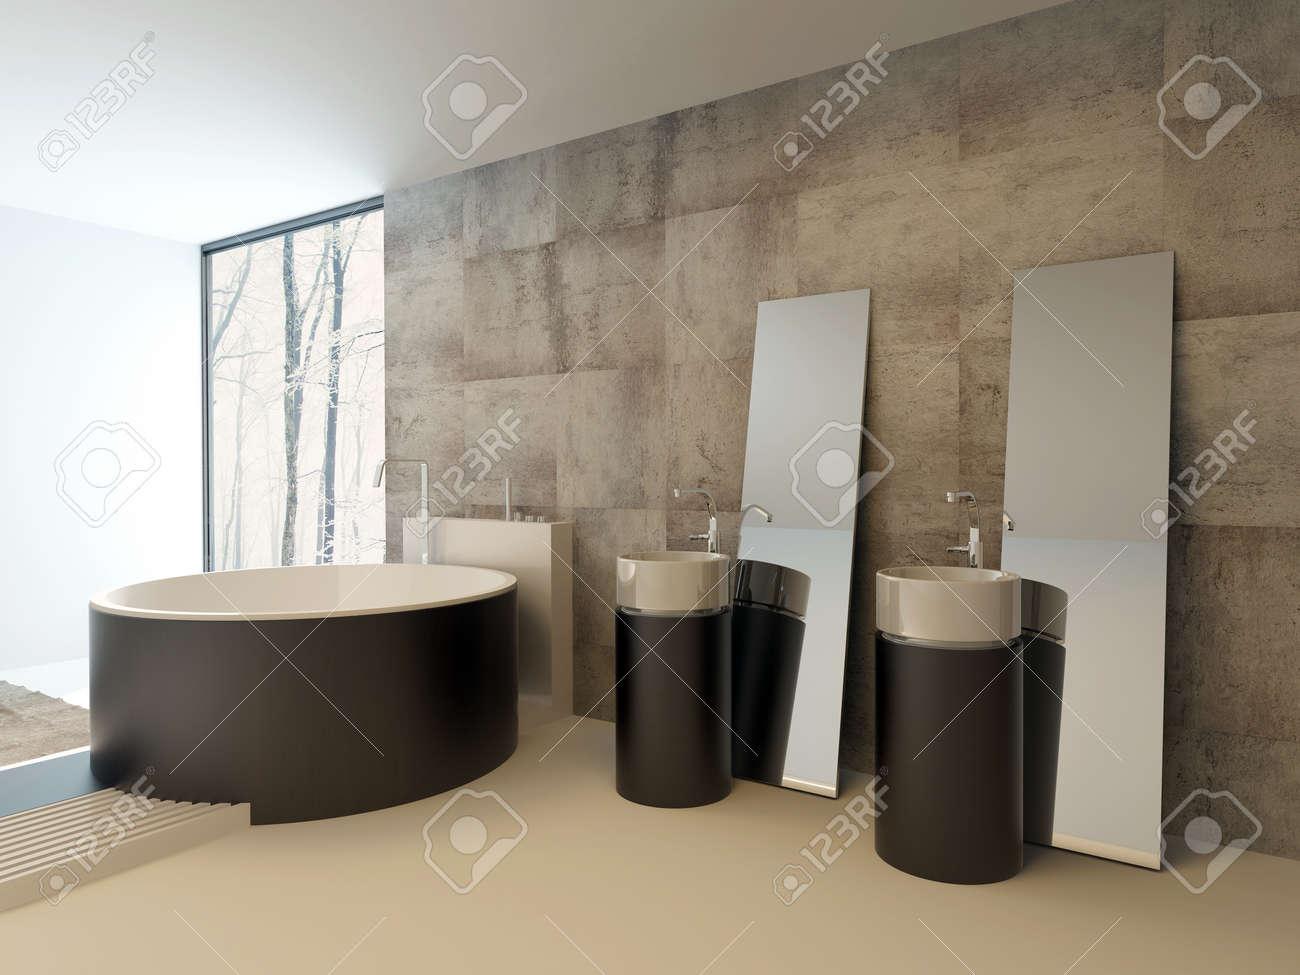 Bagno Marrone Moderno : Upmarket bagno moderno interni in marrone e beige con una vasca